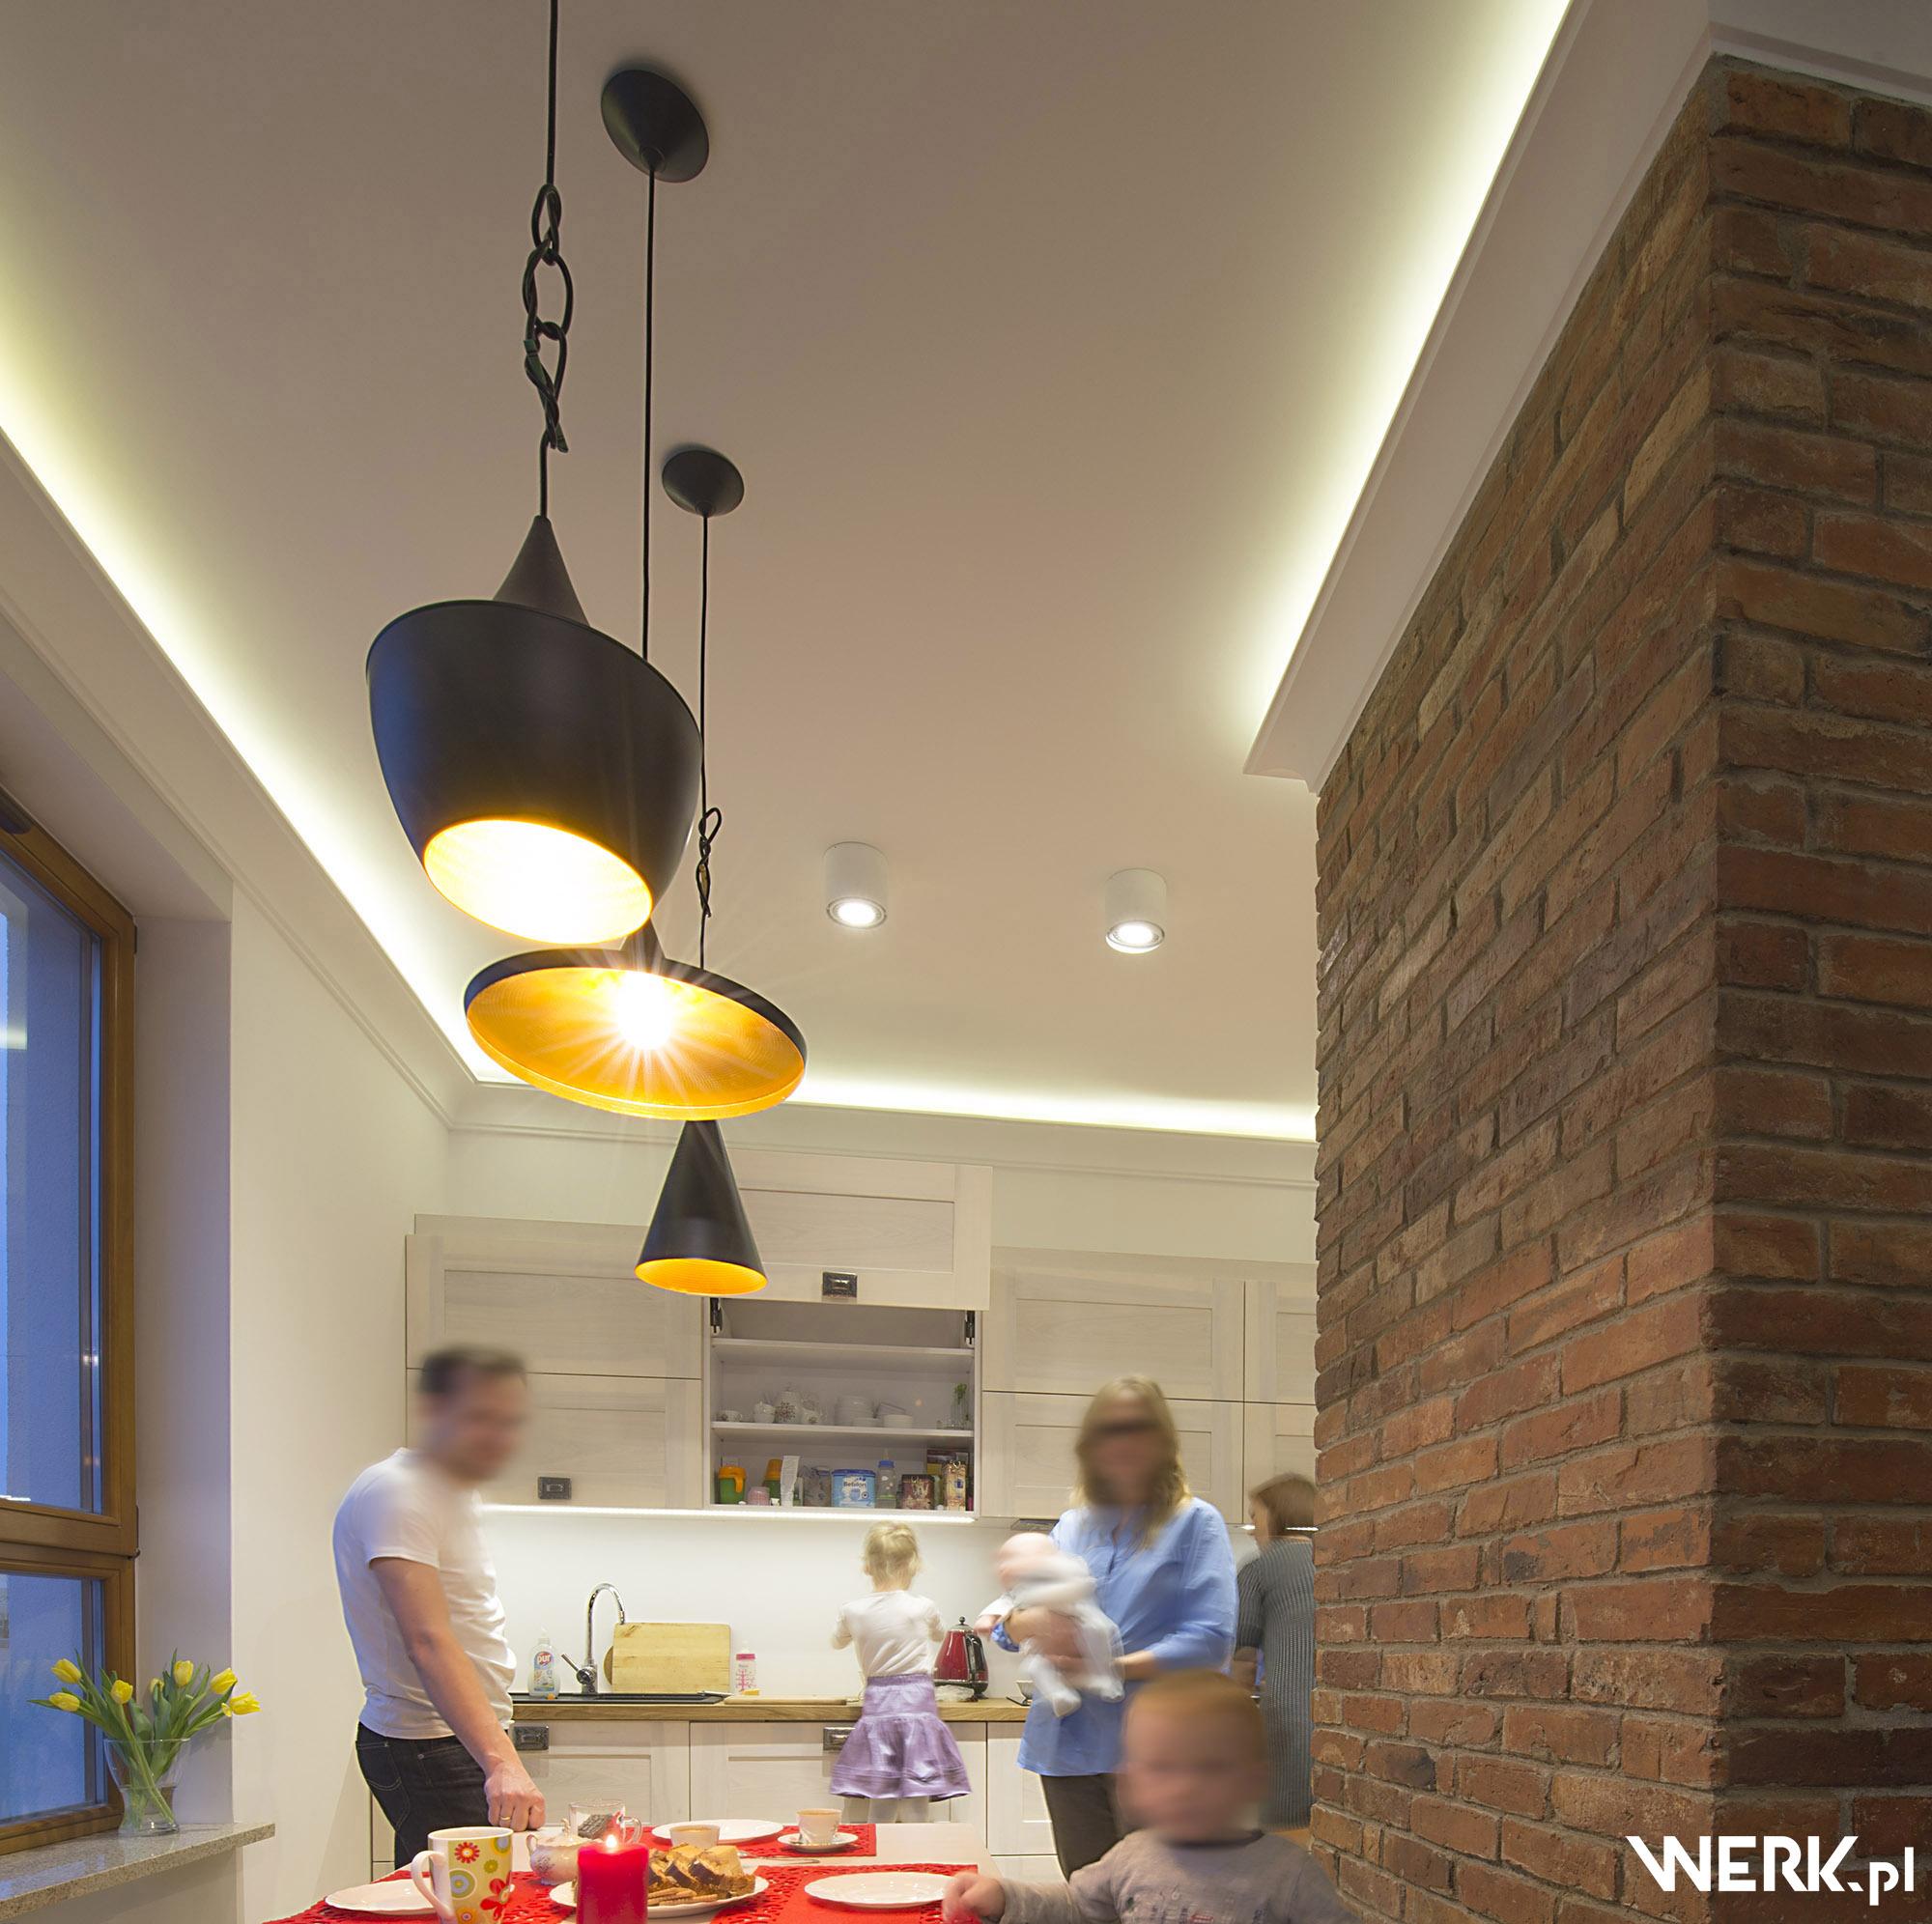 Ciepłe oświetlenie jadalni nad stołem